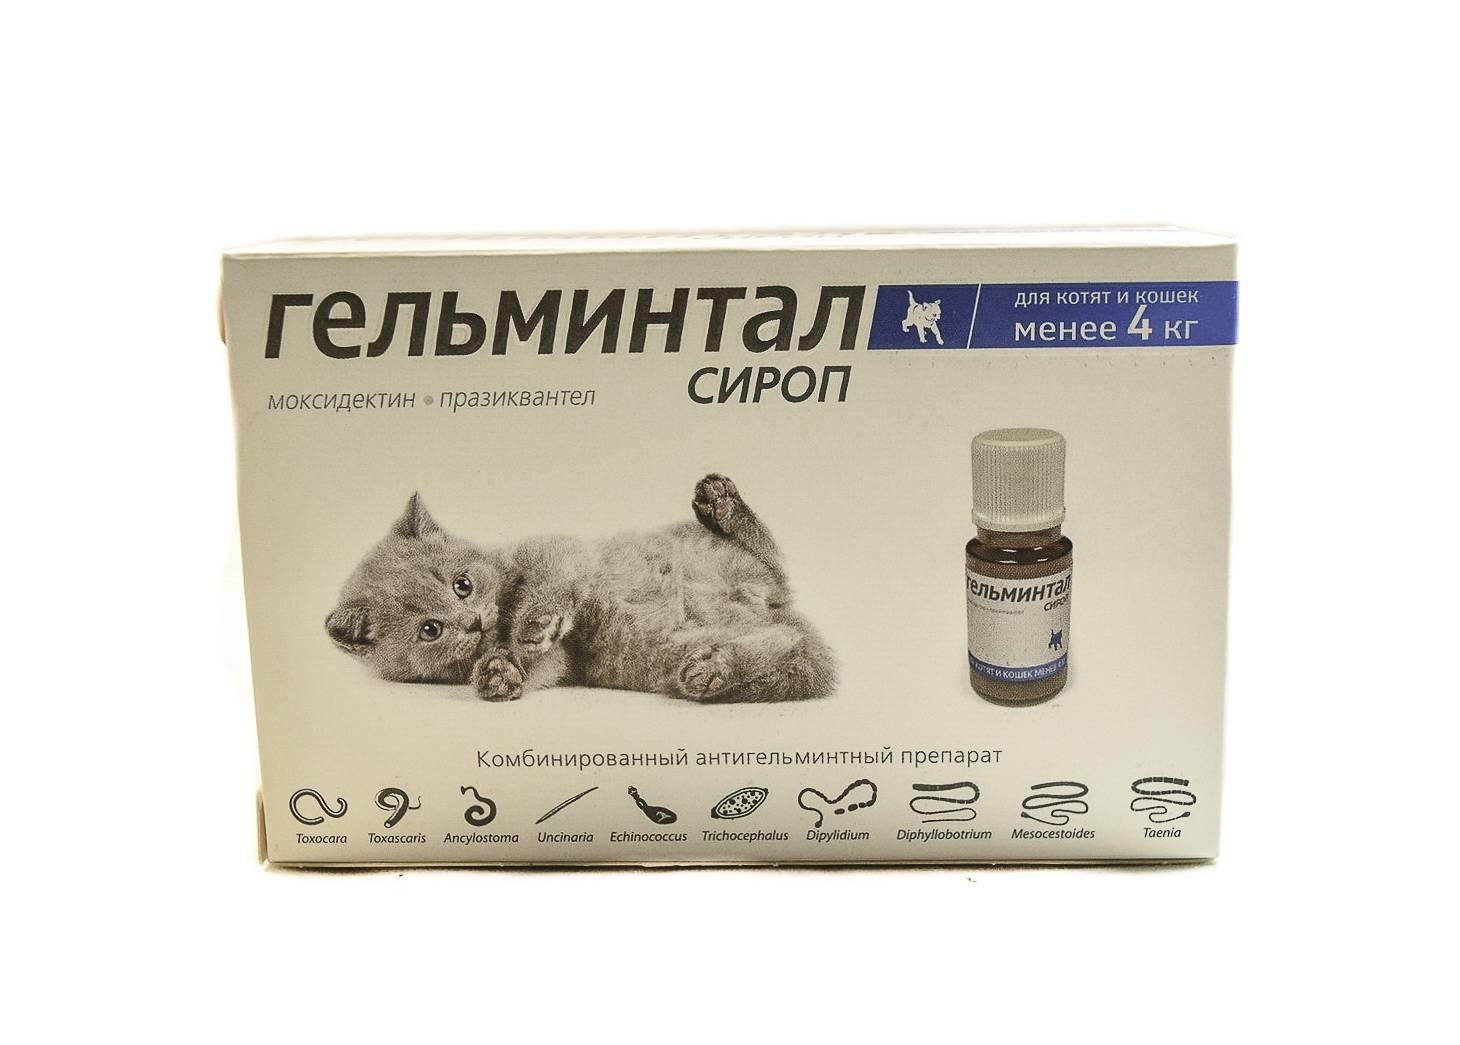 Гельминтал для кошек: показания и инструкция по применению, отзывы, цена